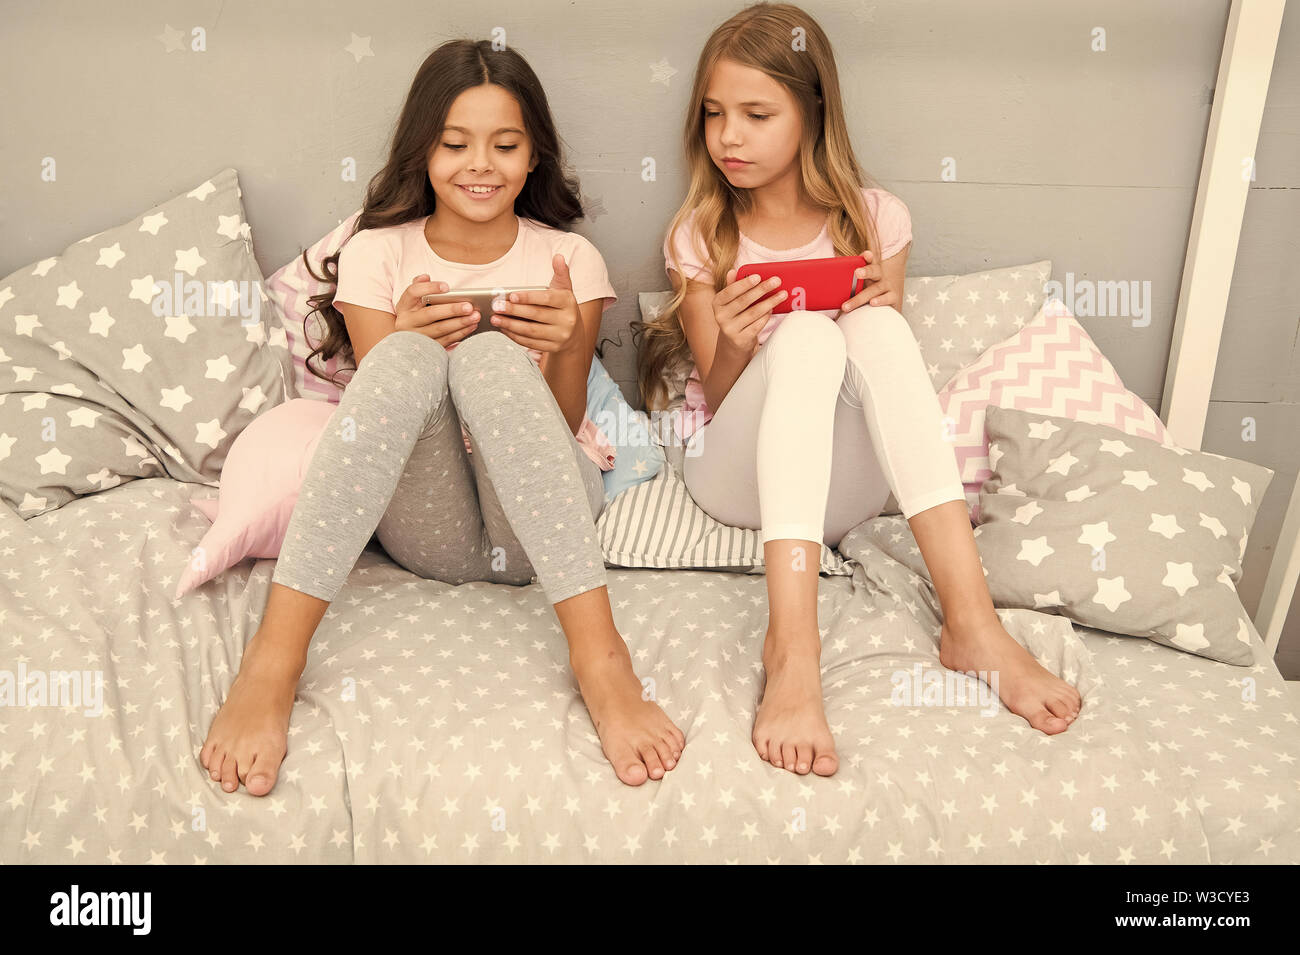 Smartphone para entretenimiento. Kids Play móvil smartphone aplicación de juego. Concepto de aplicación de Smartphone. Ocio Girlish Pajama Party. Las niñas poco smartphone bloggers. Explore la red social. Foto de stock